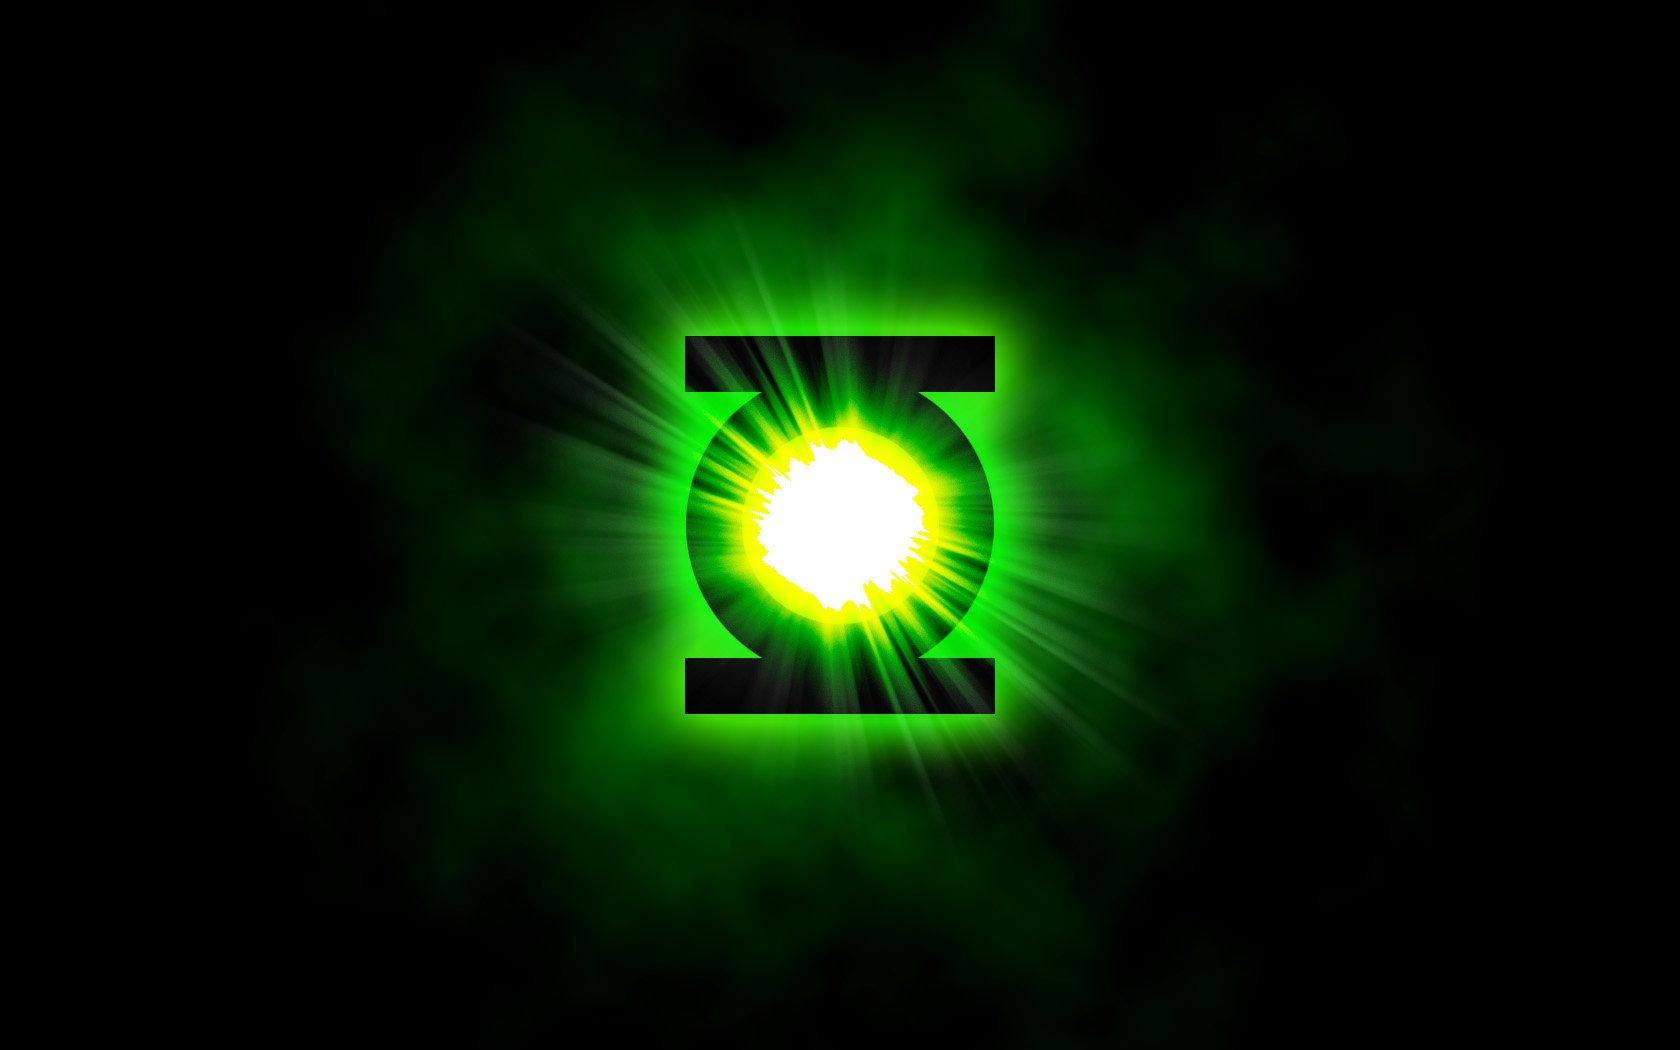 Green Lantern images 1680x1050